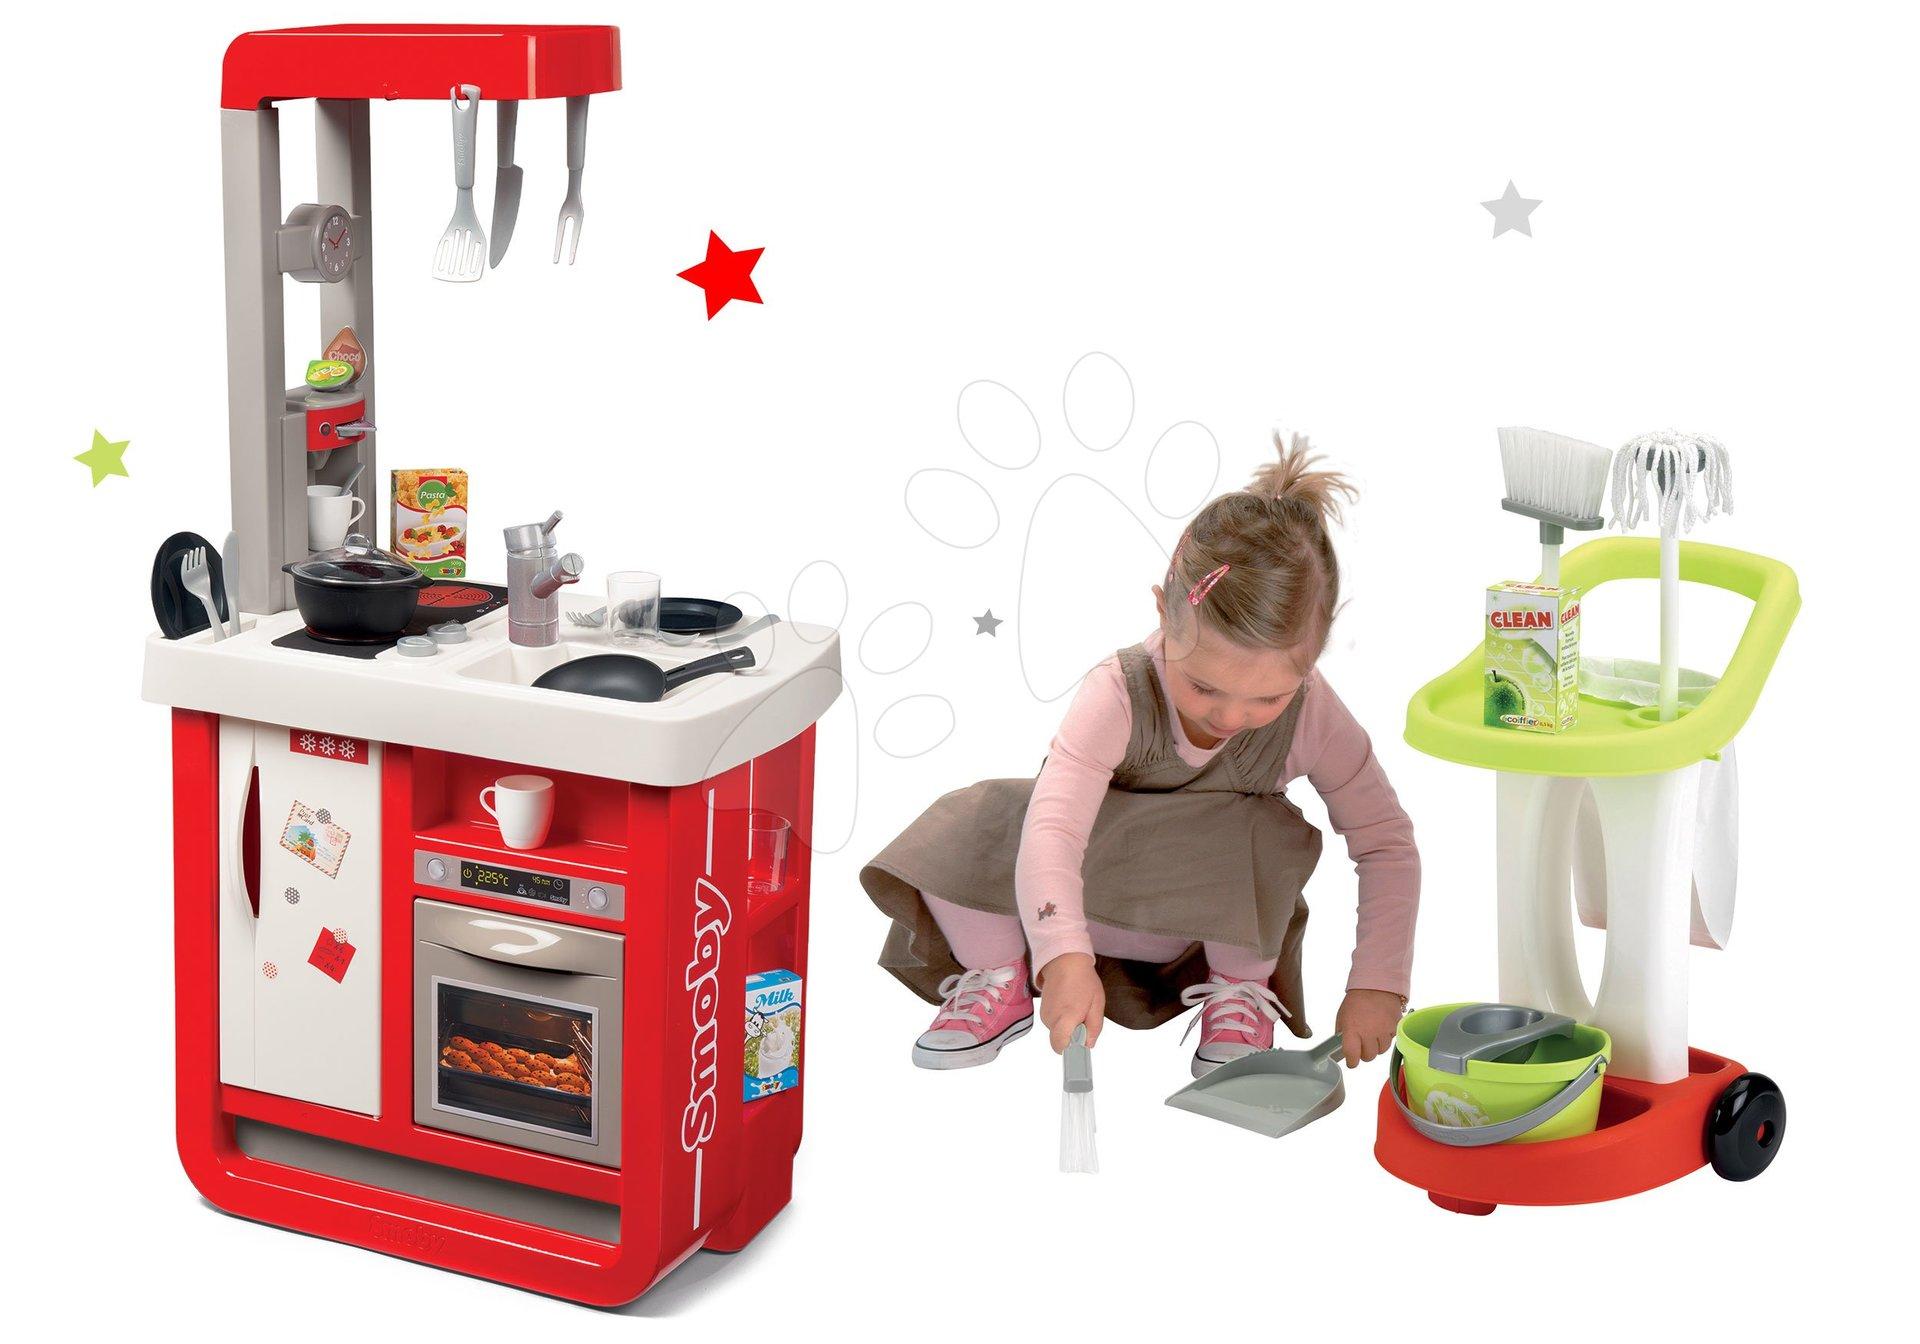 Set kuchynka elektronická Bon Appetit s kávovarom a upratovací vozík s vedrom